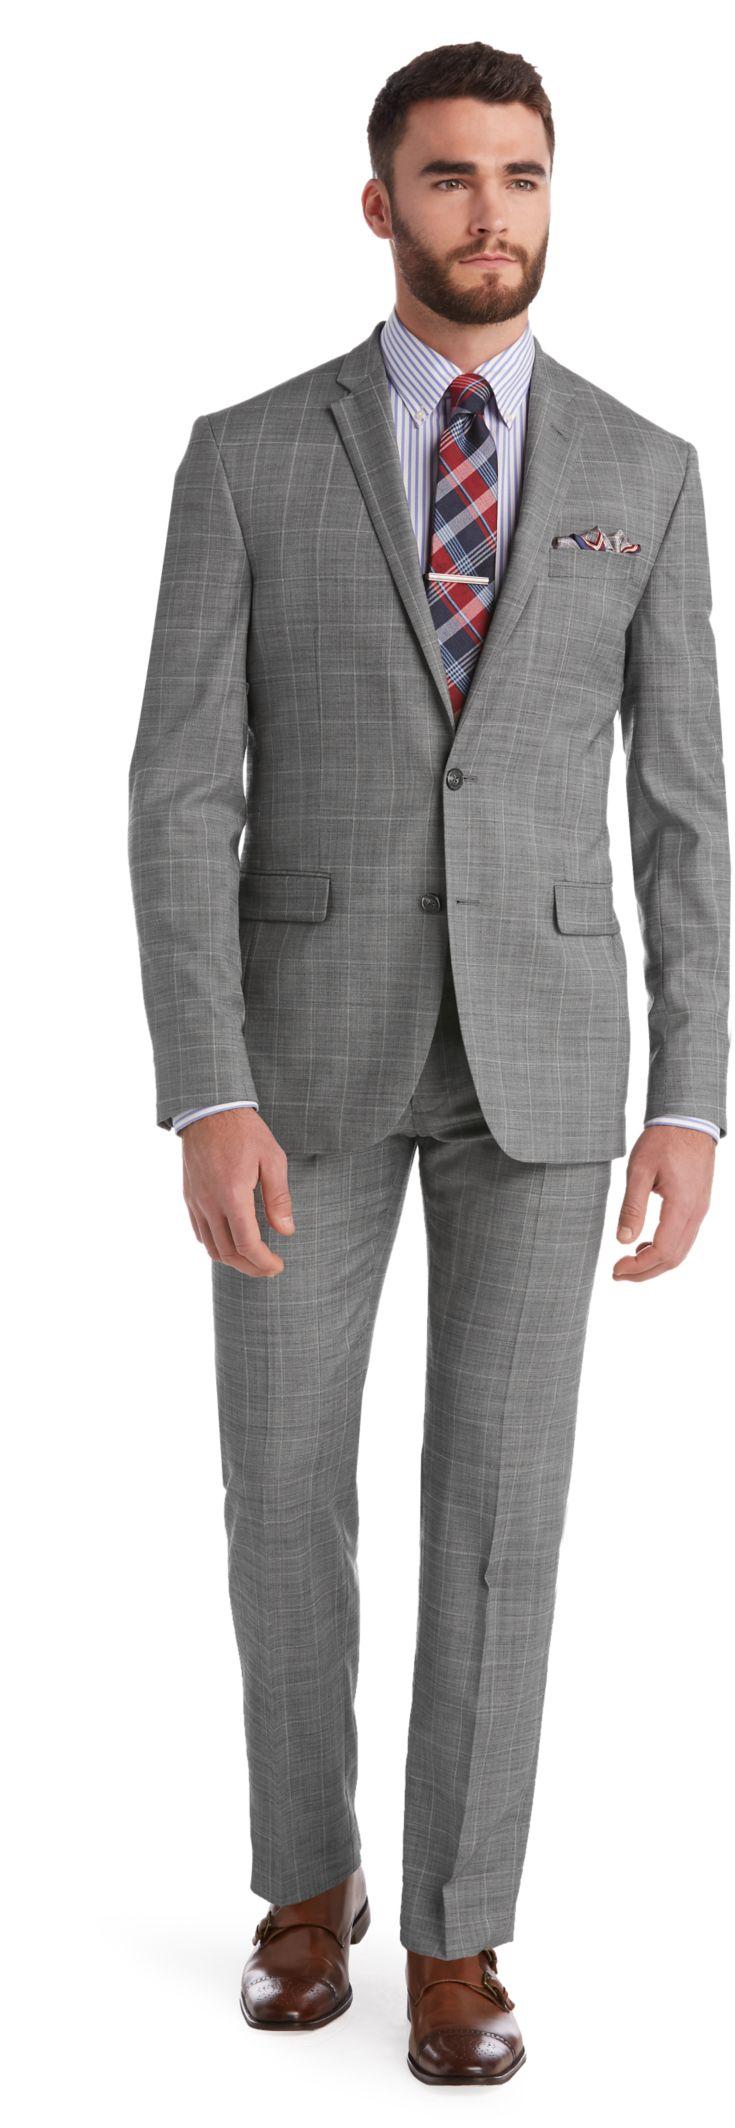 Slim Fit Suits | Shop Men's Skinny Fit Suits | JoS. A. Bank Clothiers